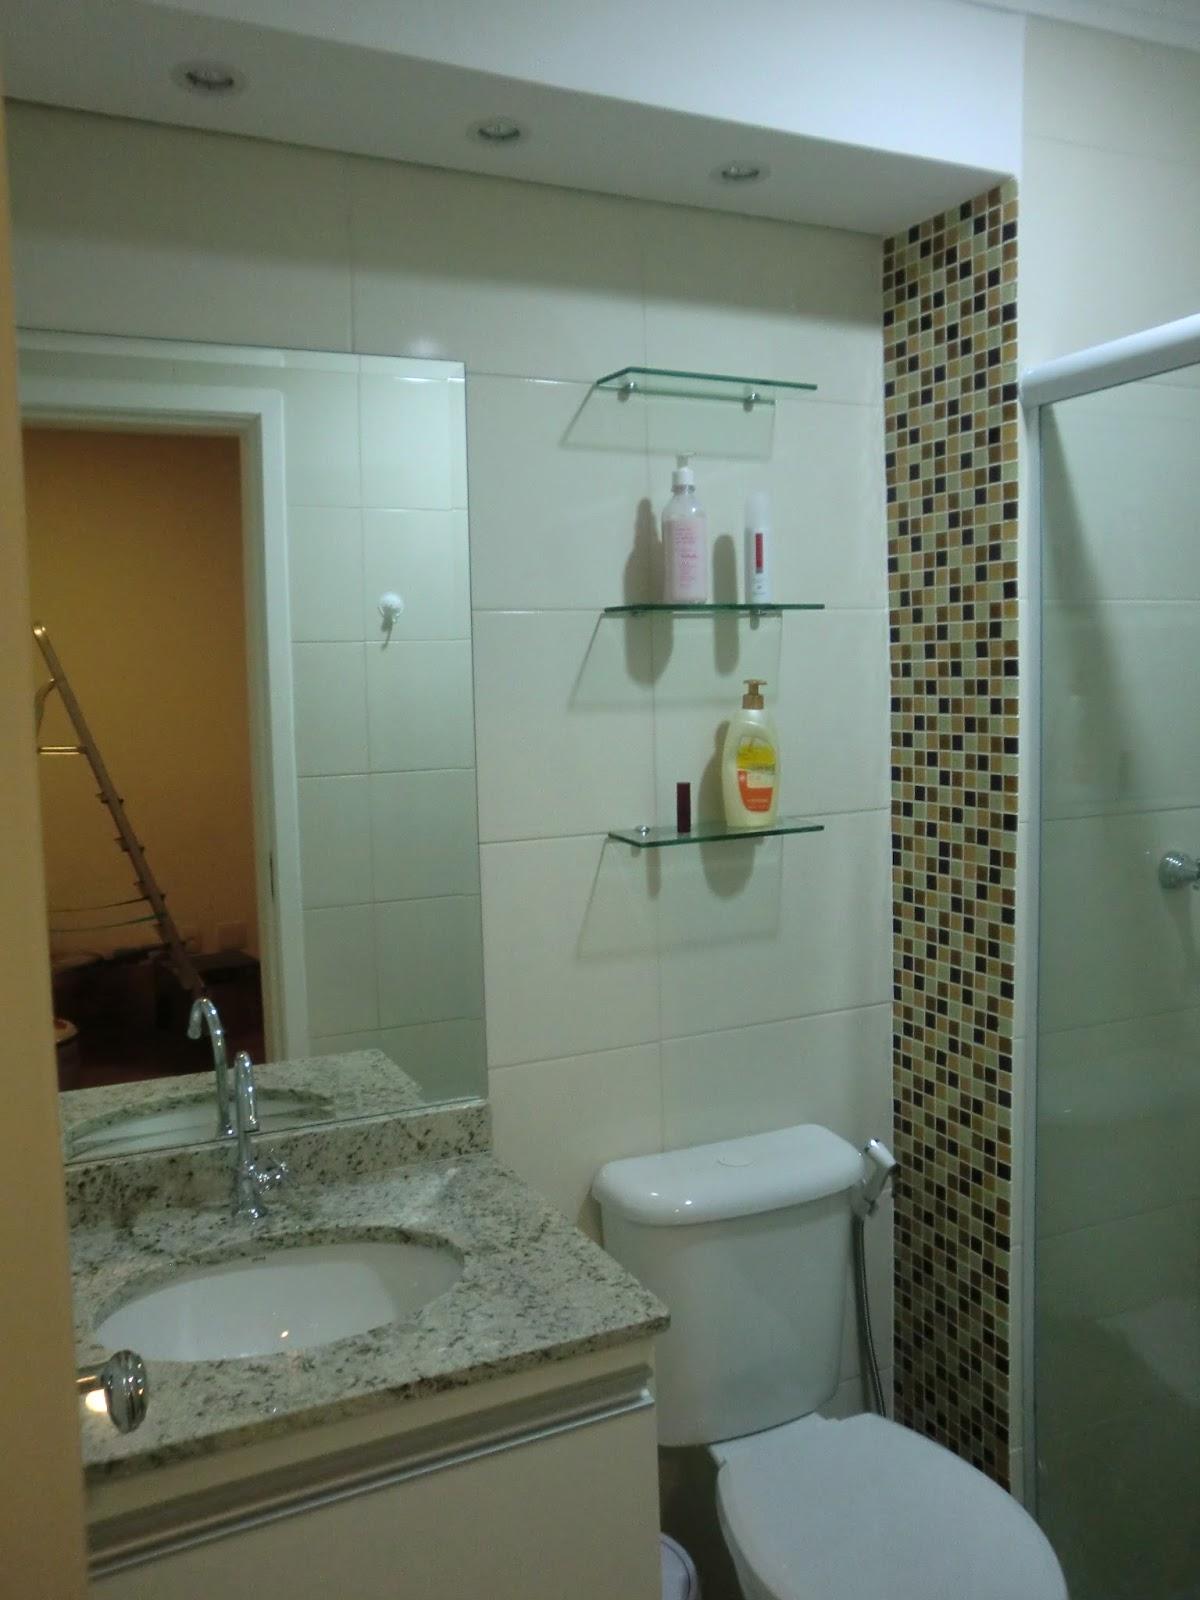 Casa e Reforma Visita Apartamento novo dos nossos amigos Casa e  #644B23 1200 1600